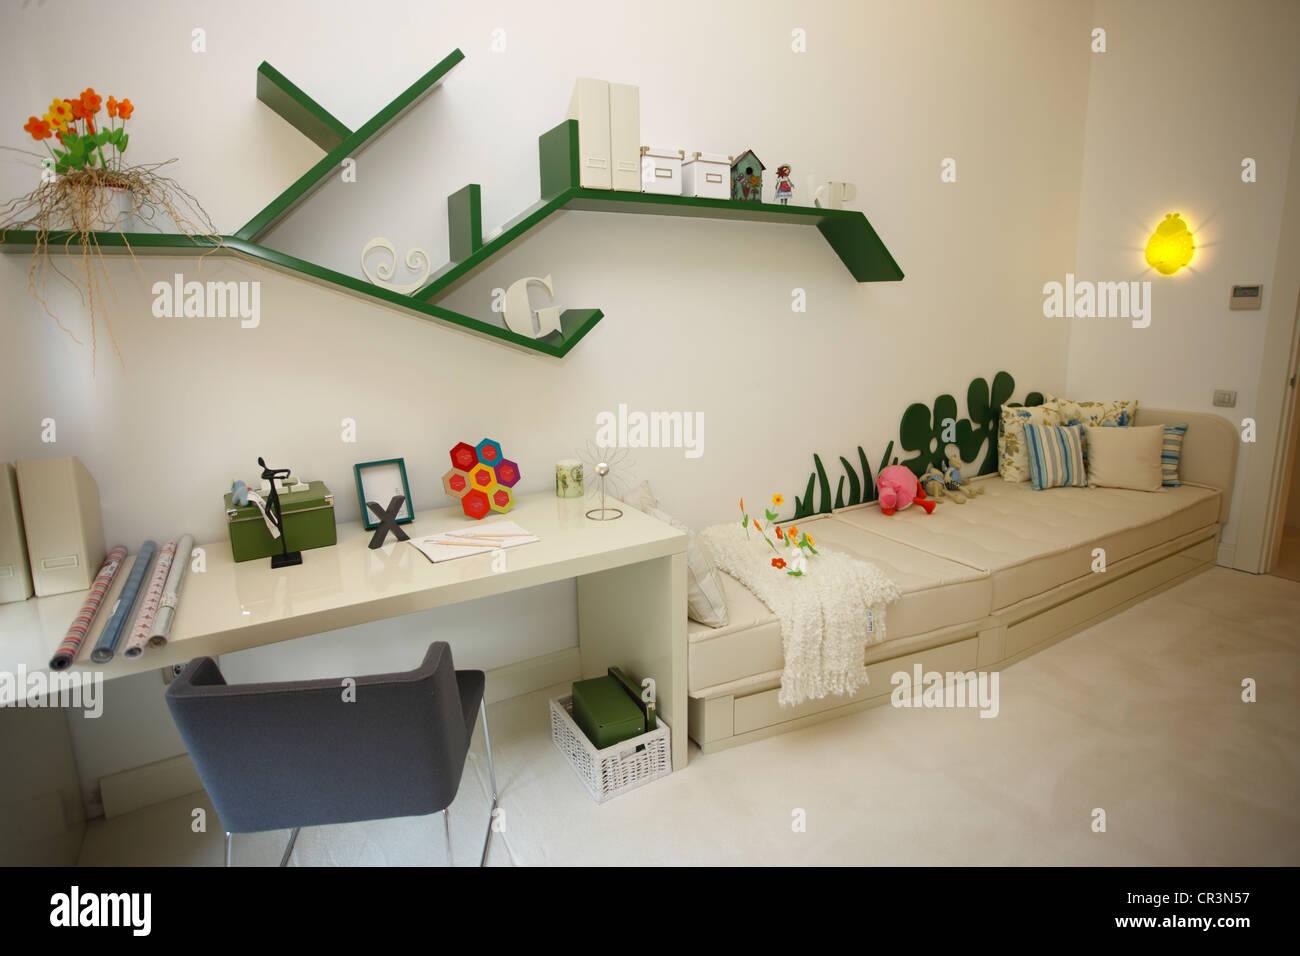 La Turquie, Istanbul, appartement modèle d'un futur complexe immobilier de la rive est de la ville Photo Stock